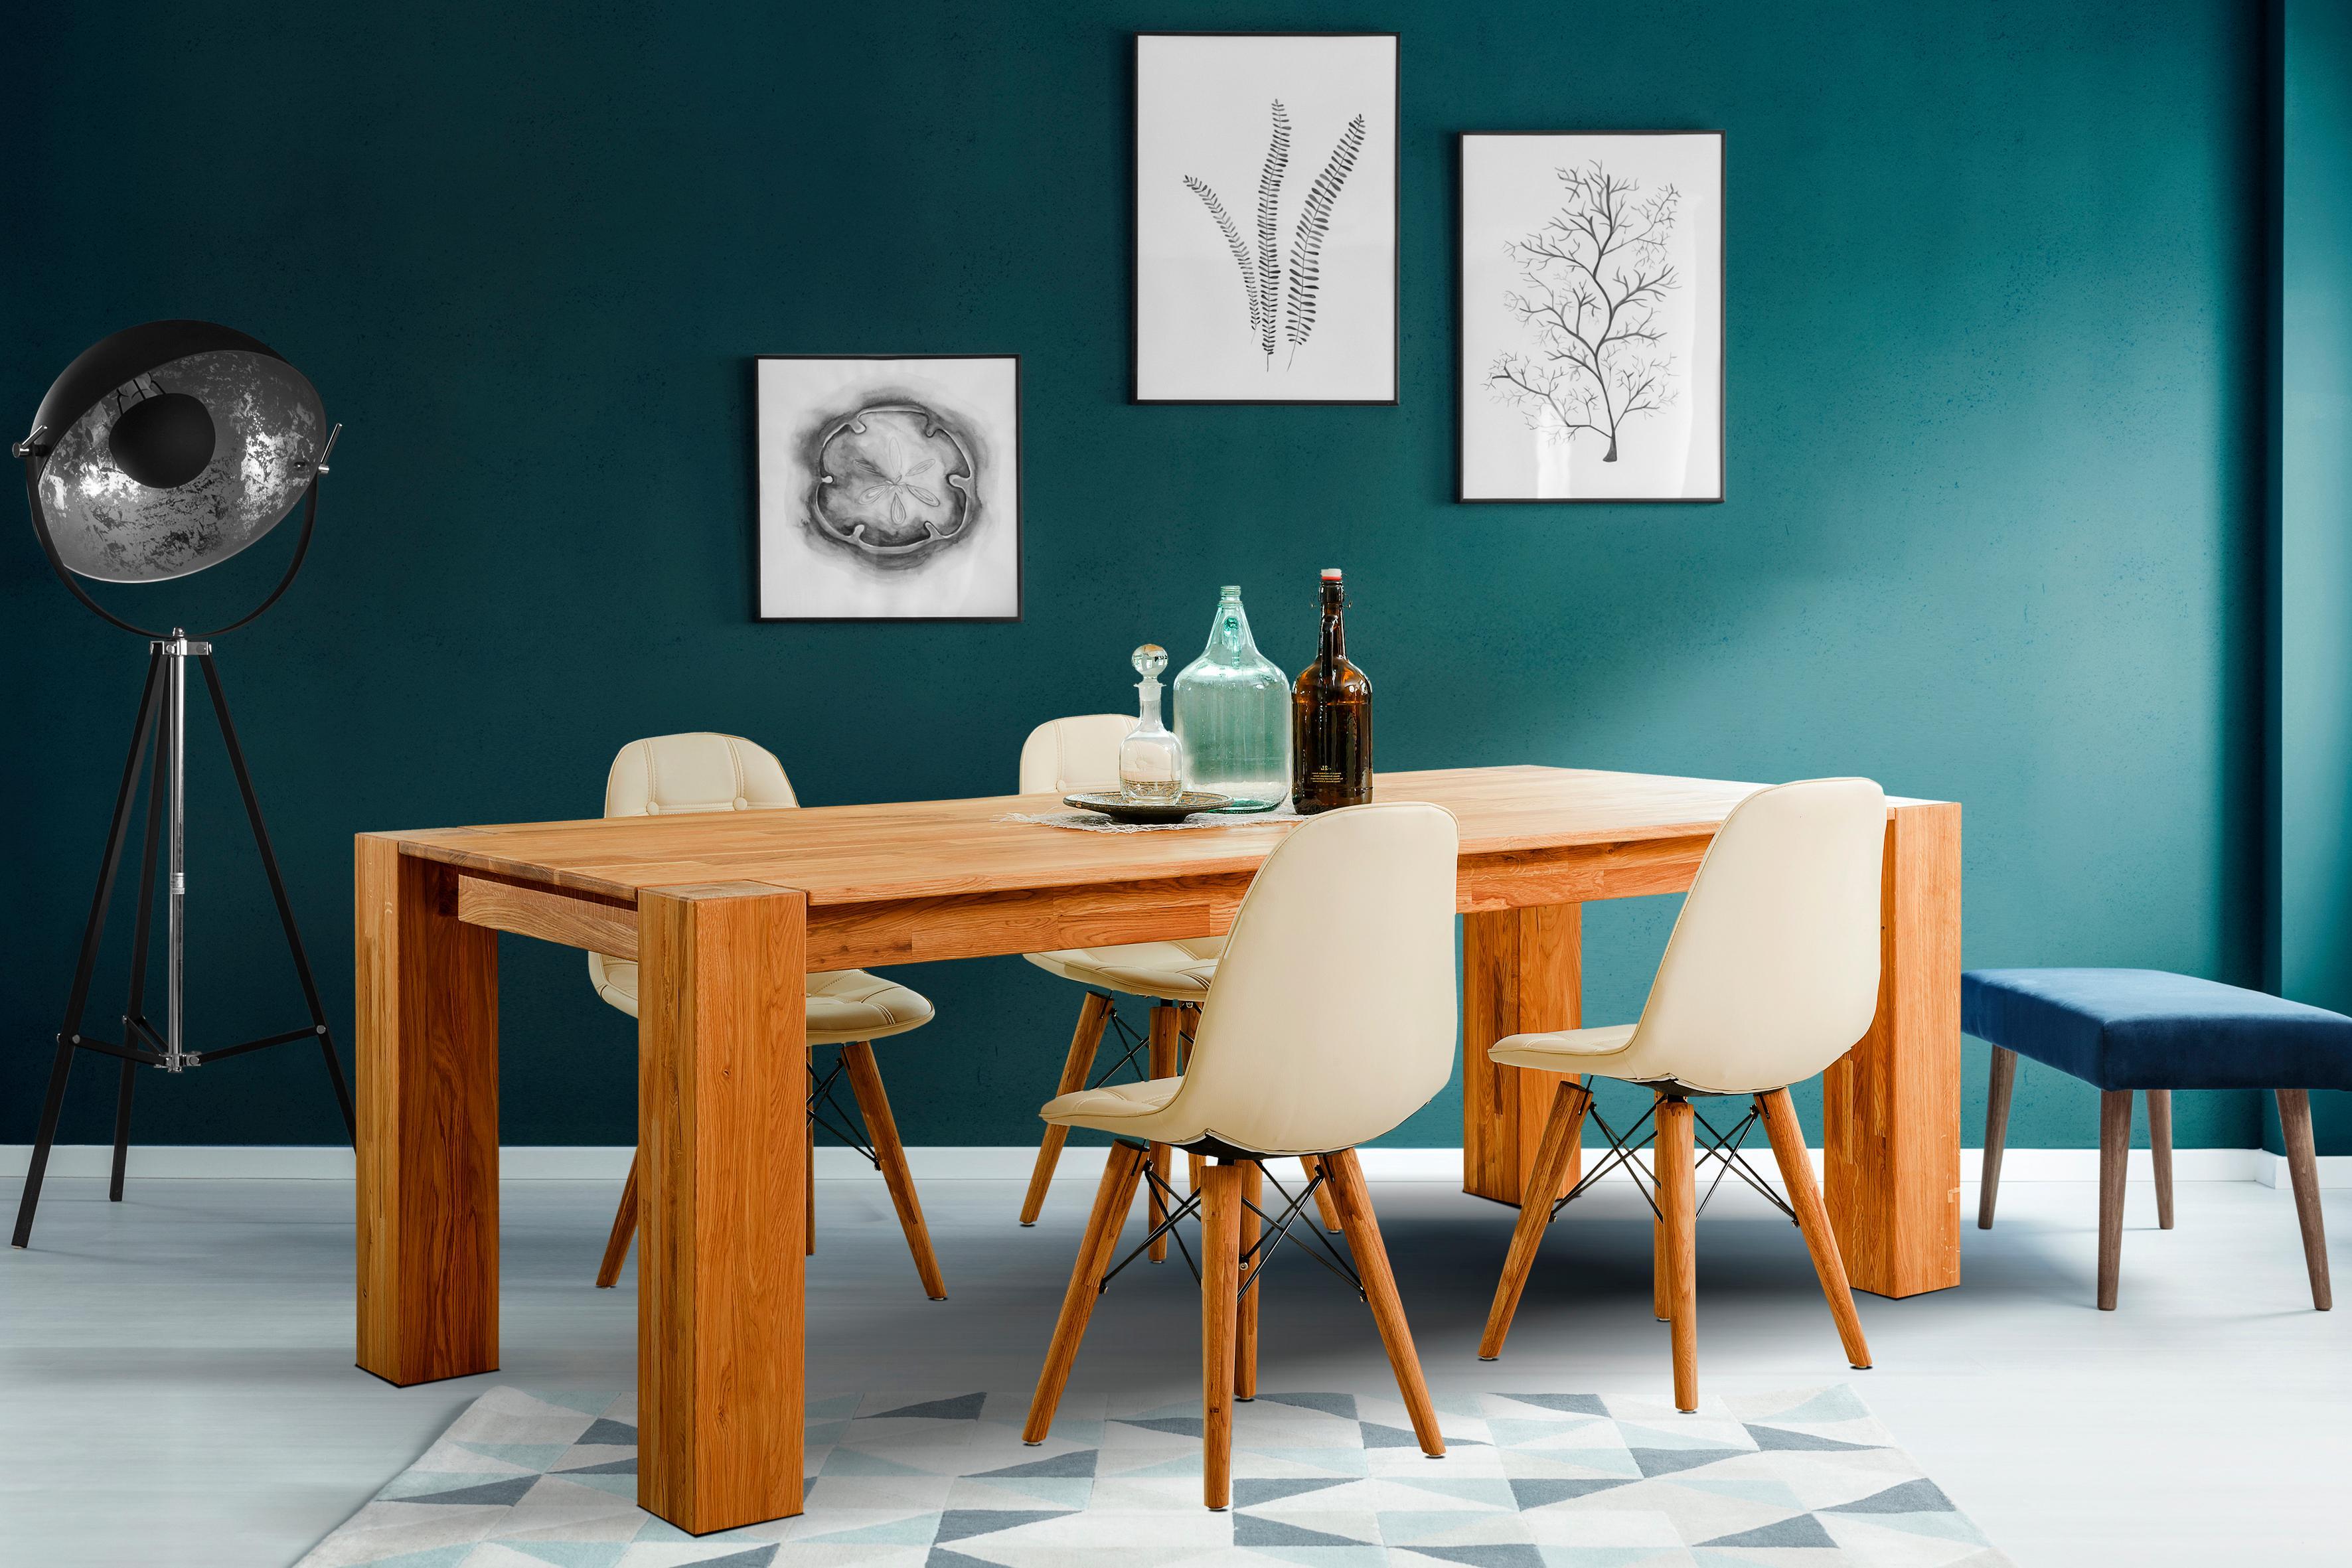 Home Affaire Essgruppe »Juna«, bestehend aus einem massivem Eichentisch und Kunstleder gepolsterete Esszimmerstühle (5-tlg.)